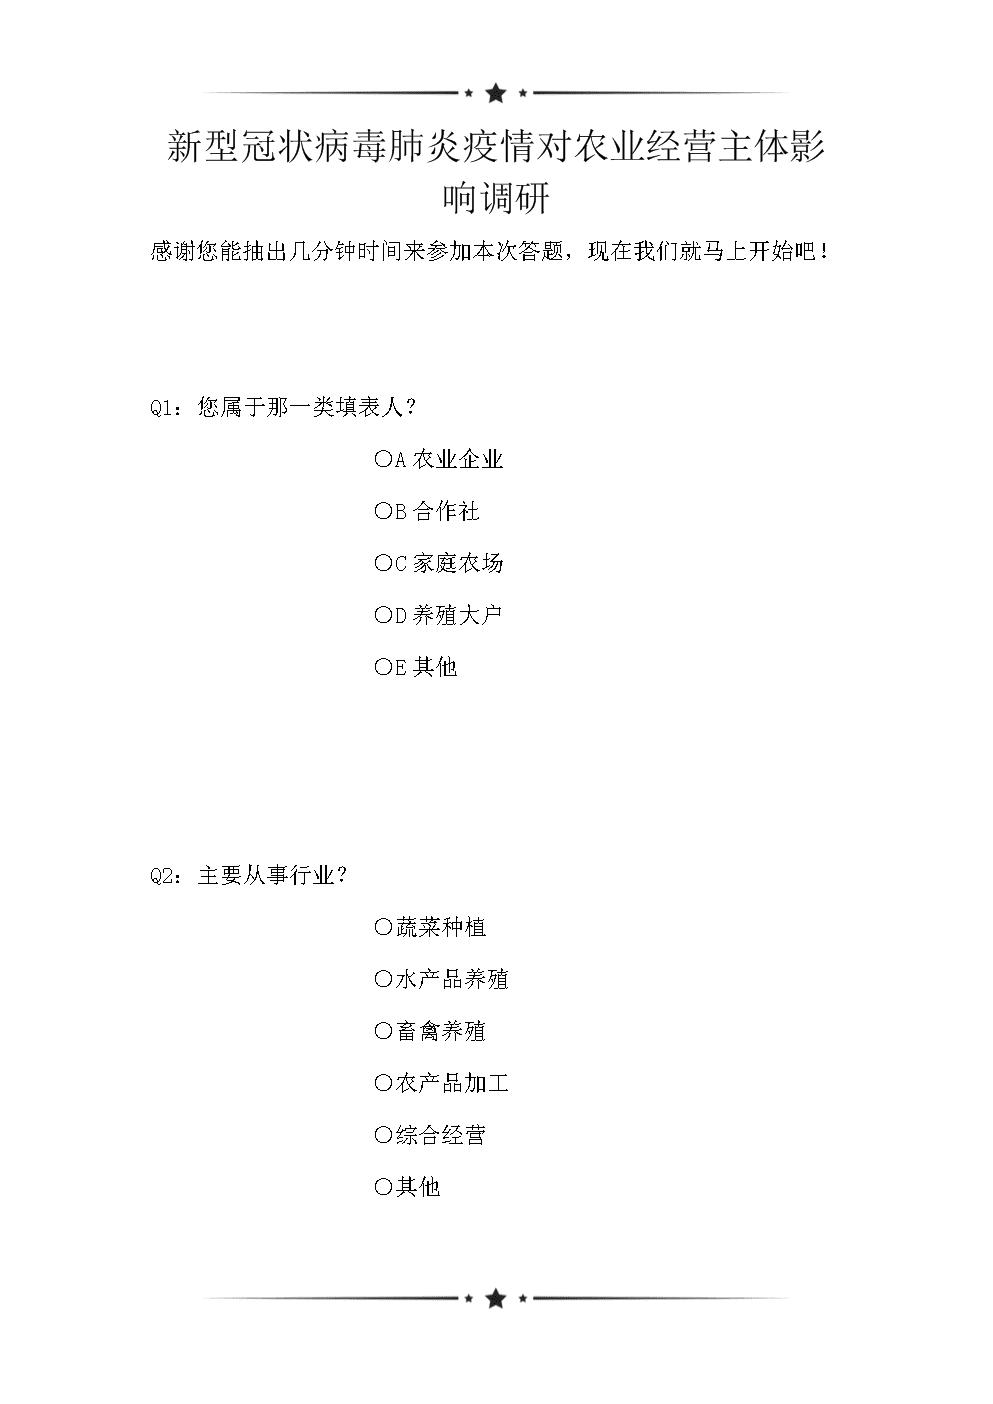 新型冠状病毒肺炎疫情对农业经营主体影响调研(可编辑).doc